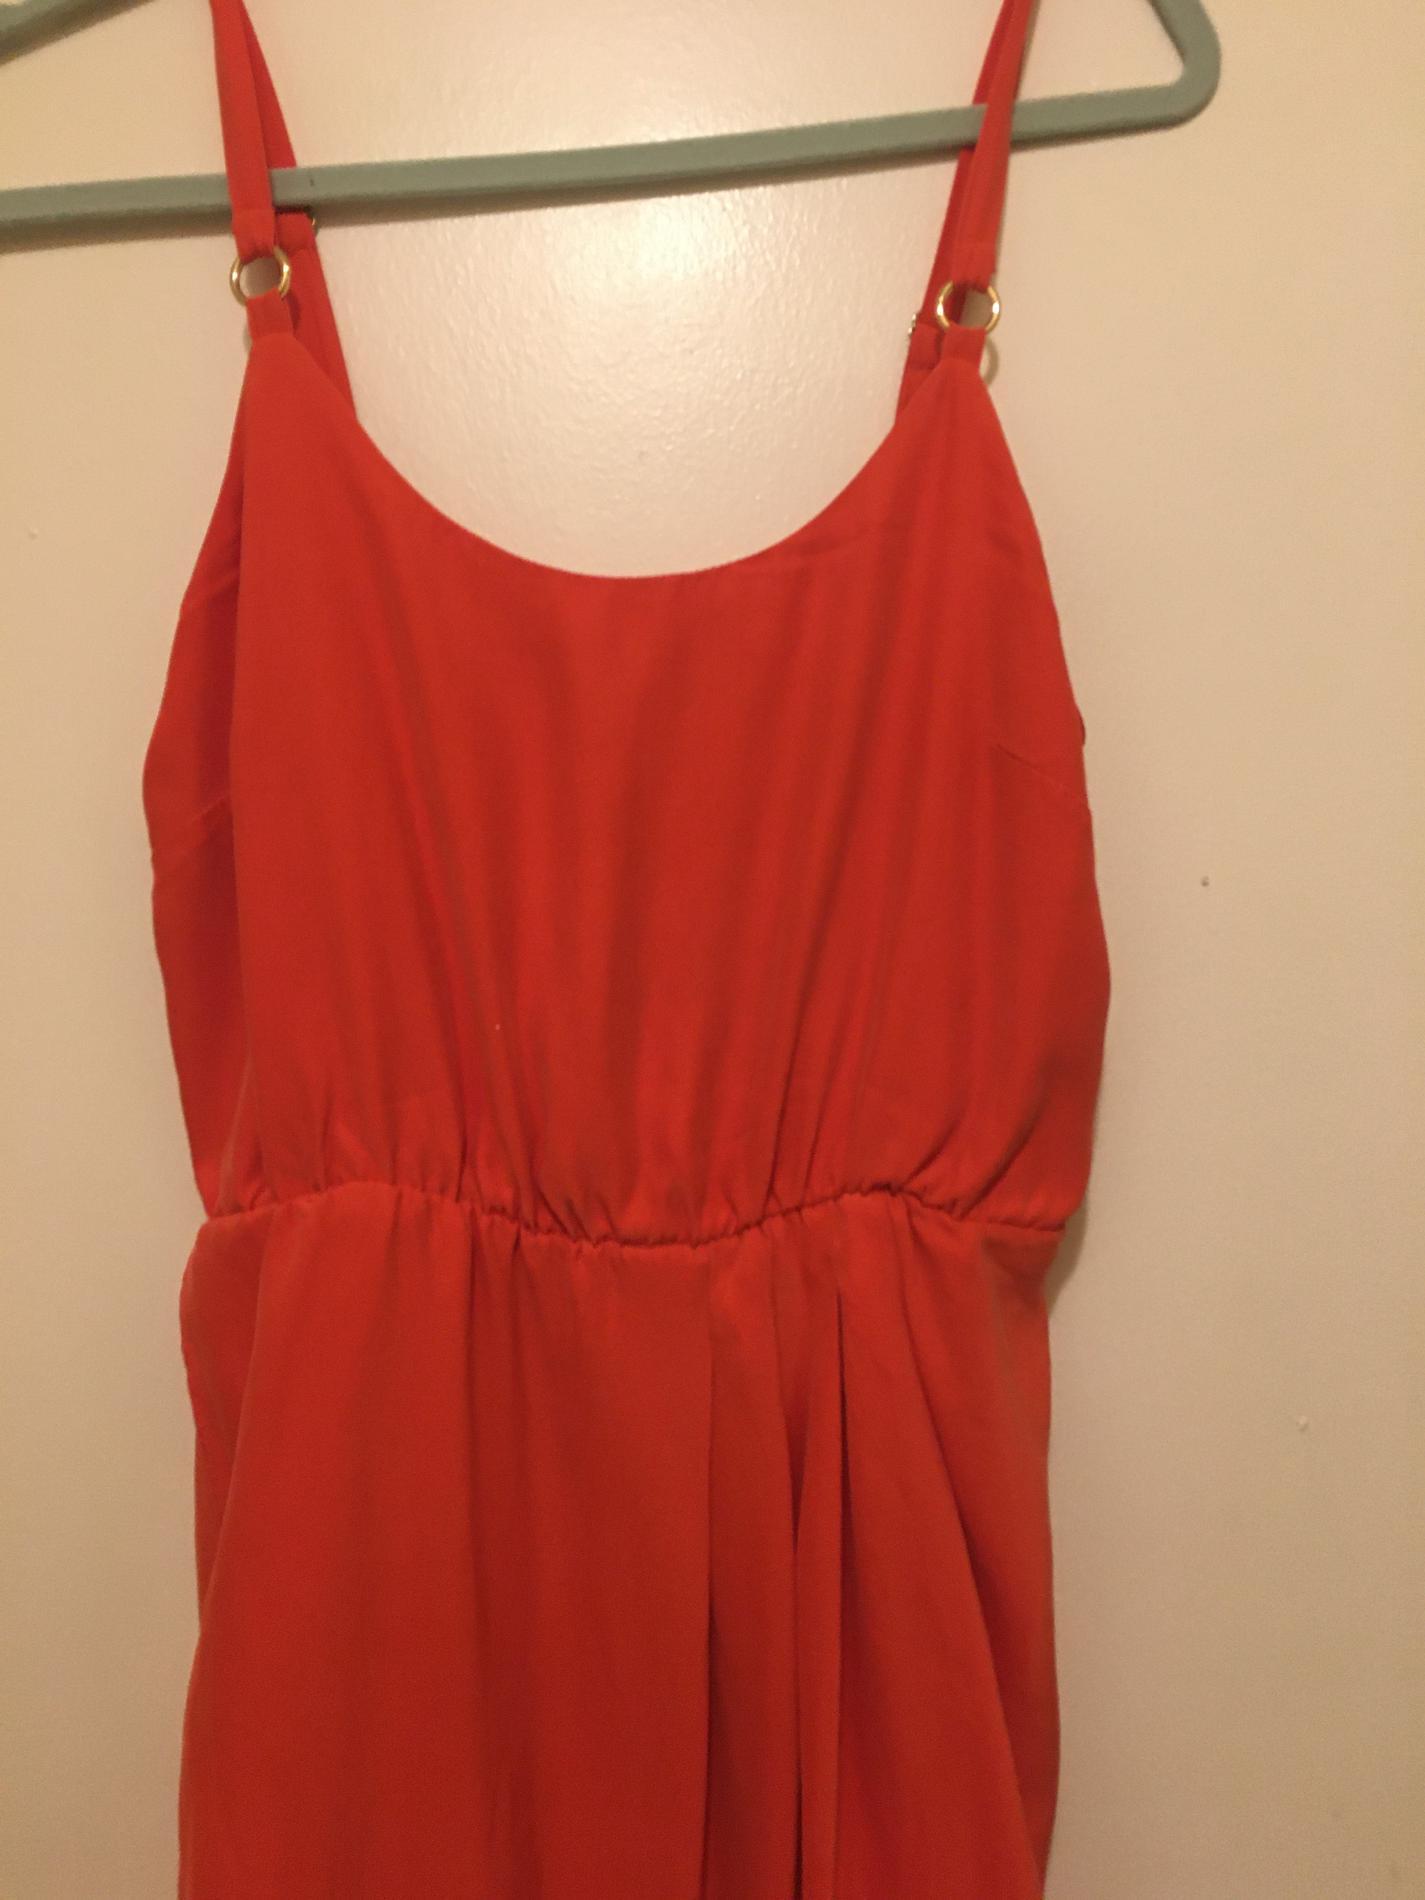 Amanda uprichard Orange Size 6 Silk Cocktail Dress on Queenly